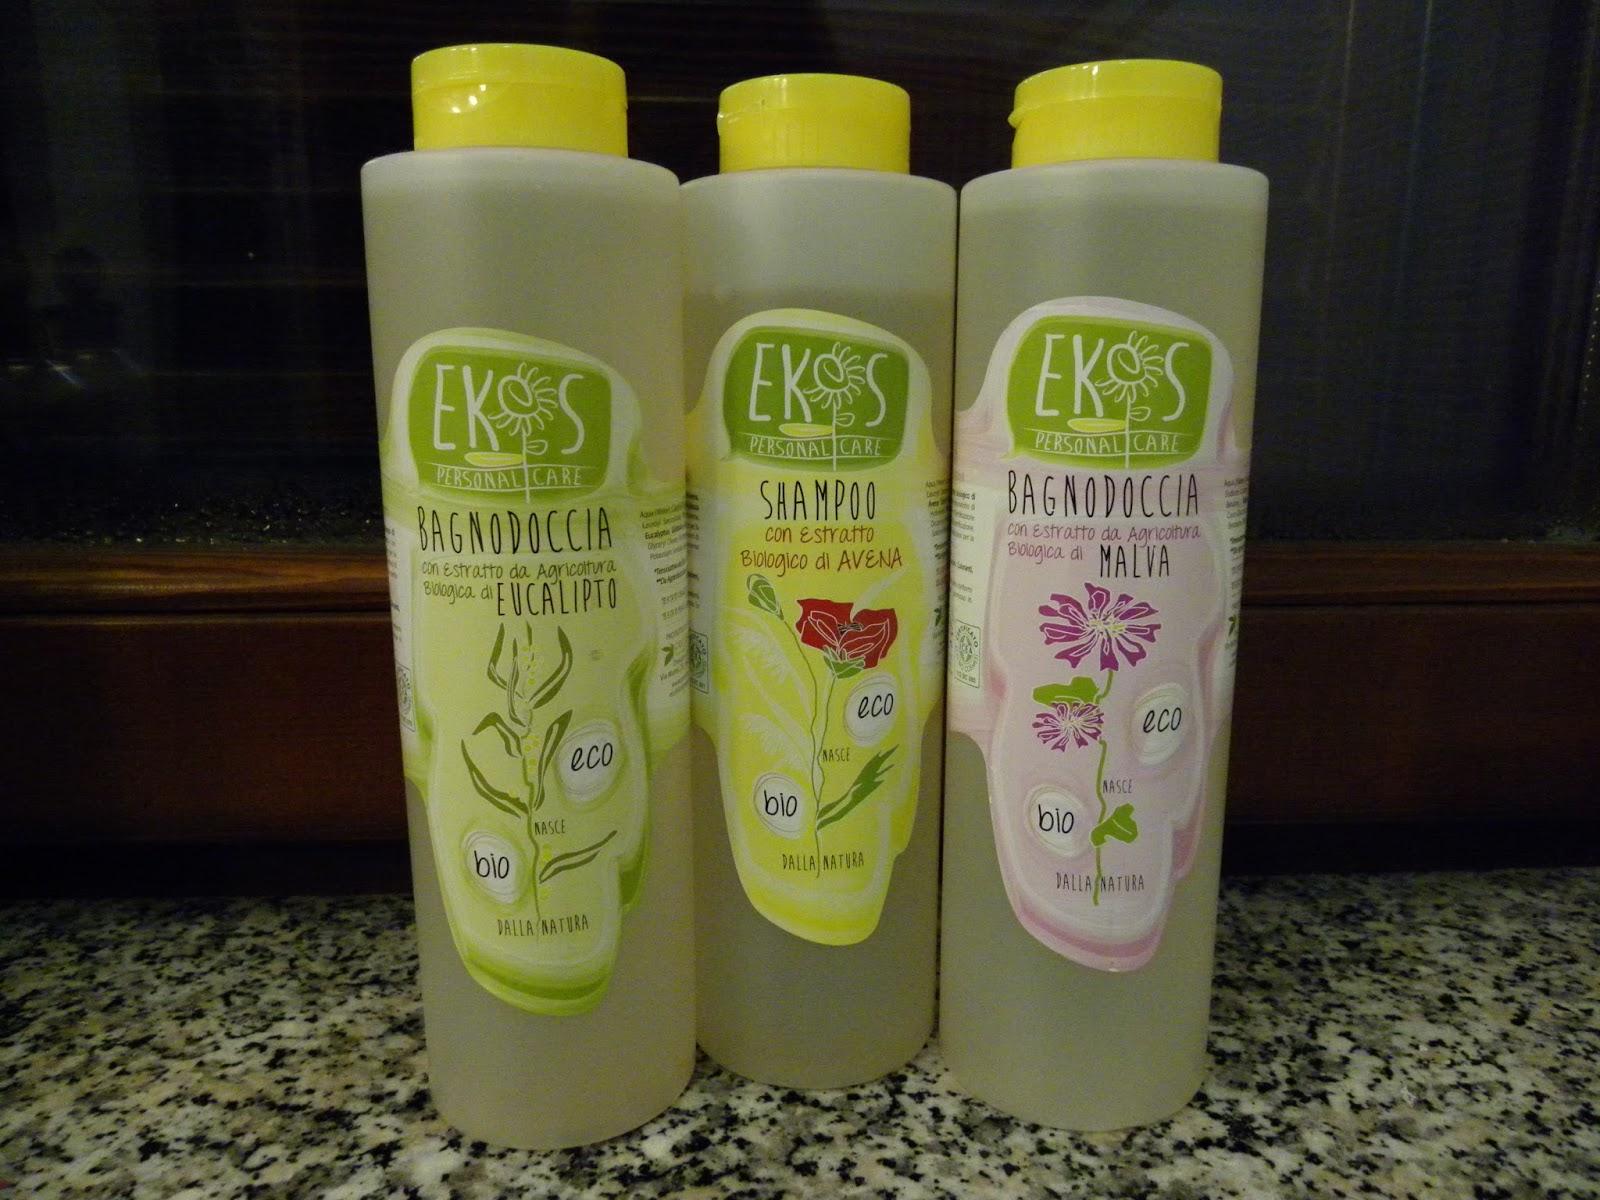 Bagno Doccia Avena Yves Rocher : Bagnodoccia neutro roberts inci shampoo biologico bio